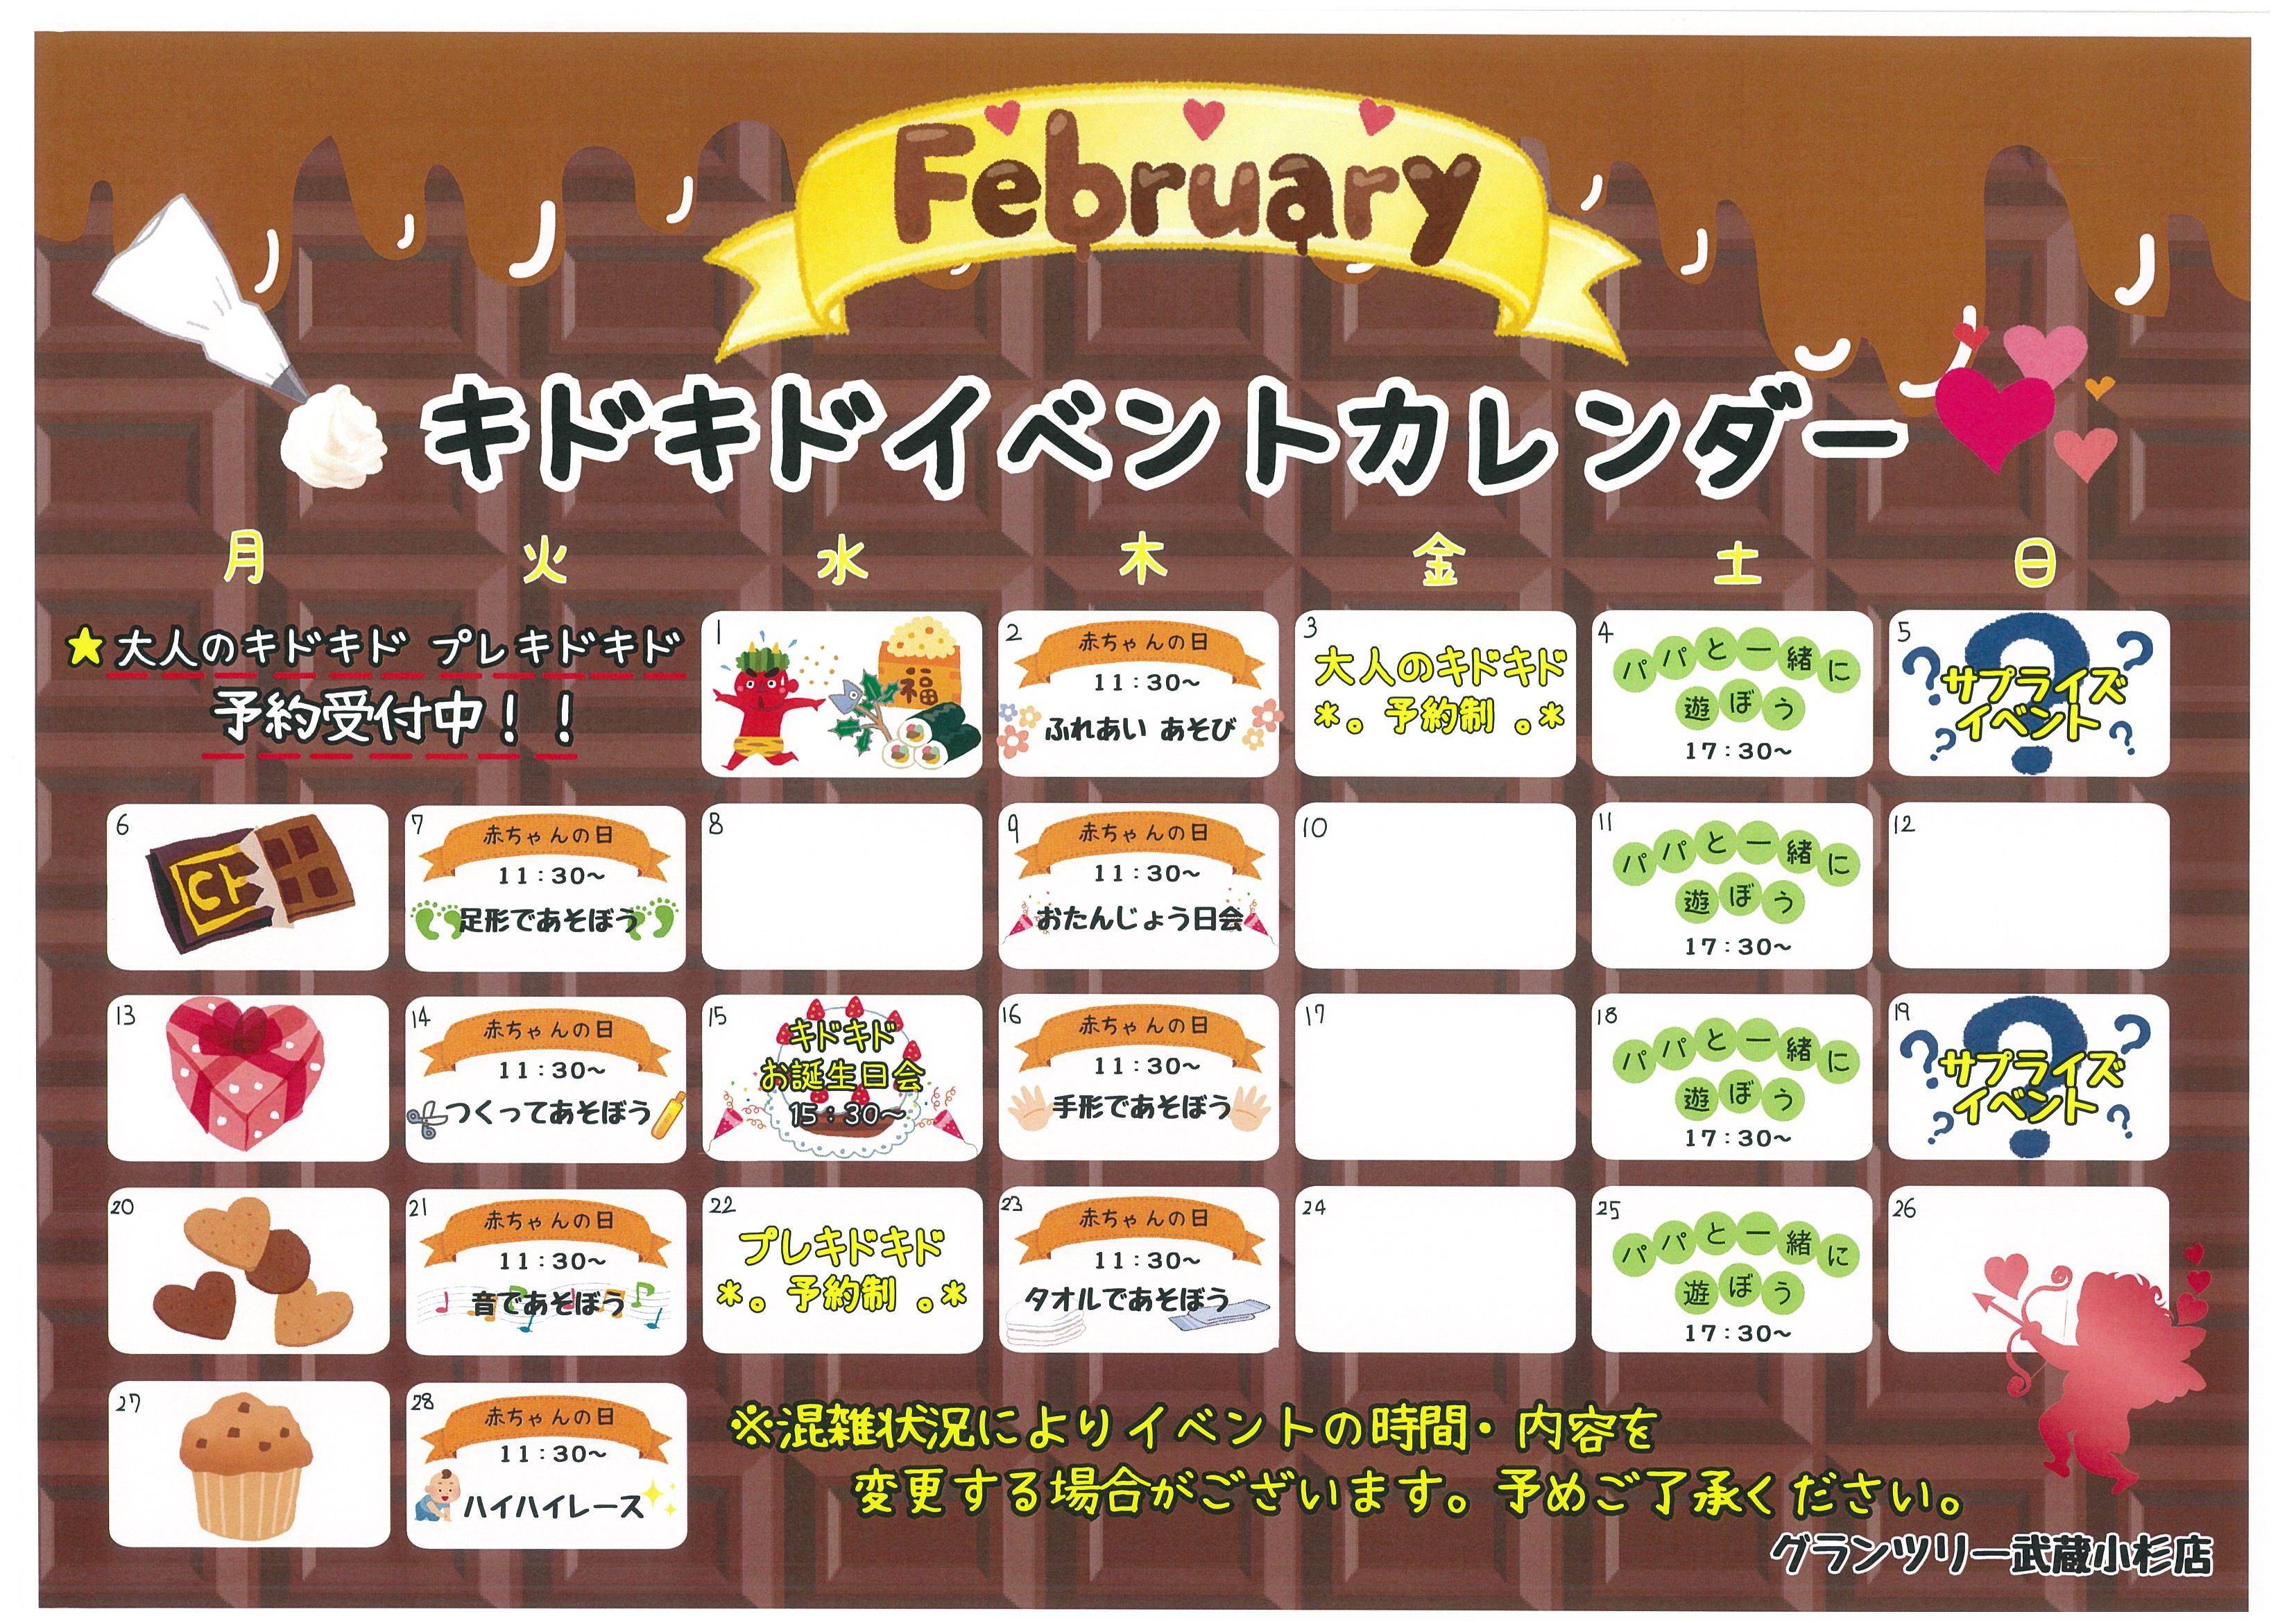 2月のイベントカレンダーが出来ました♪